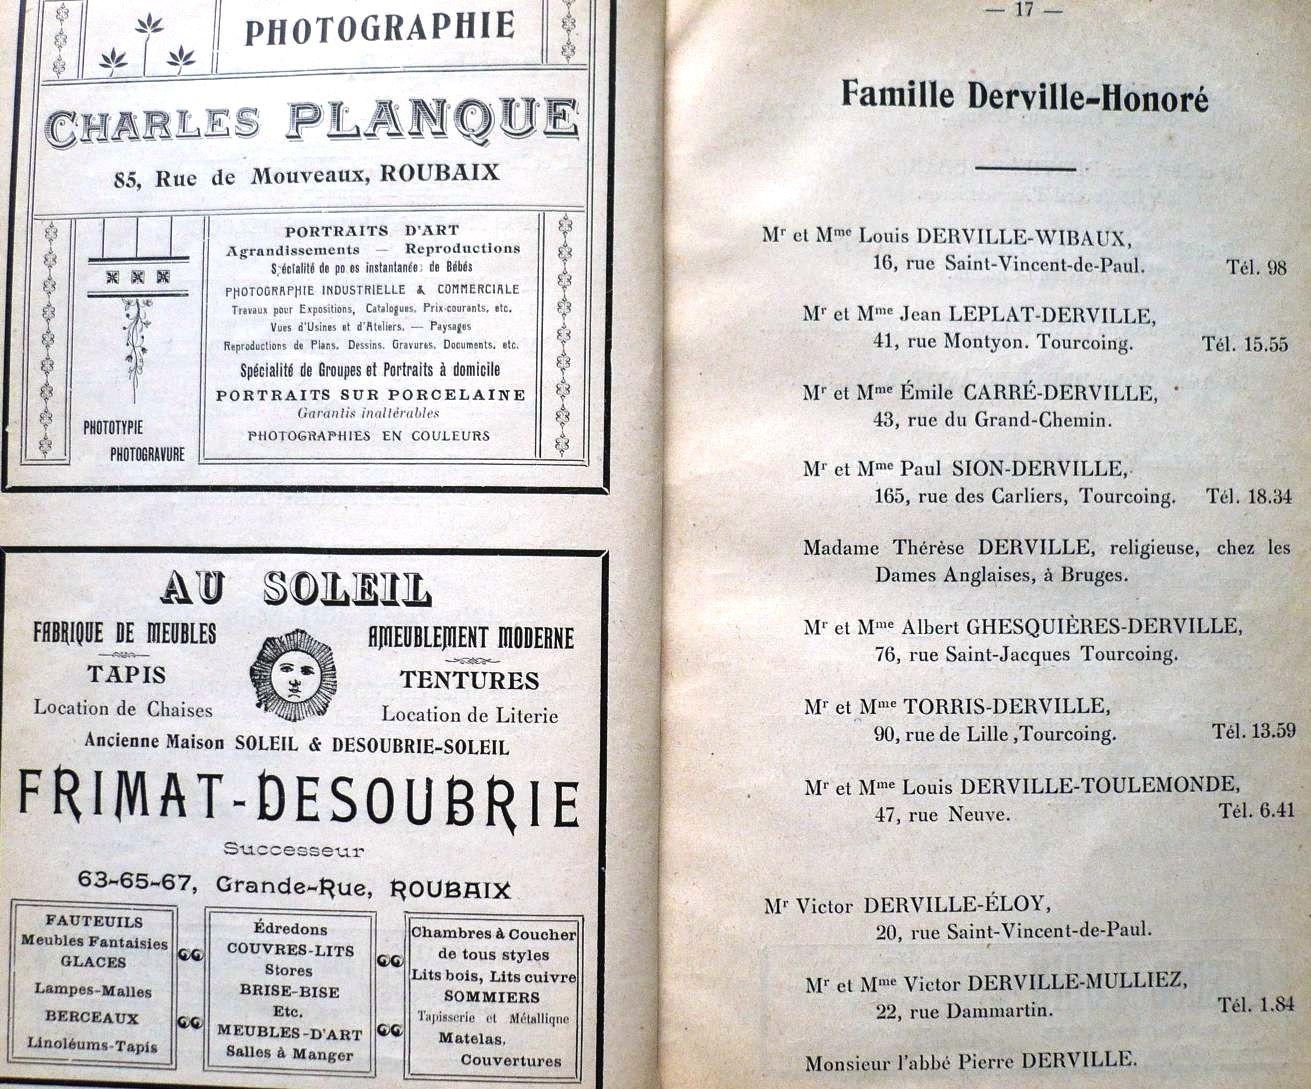 GrdesFamilles_1912-Derville